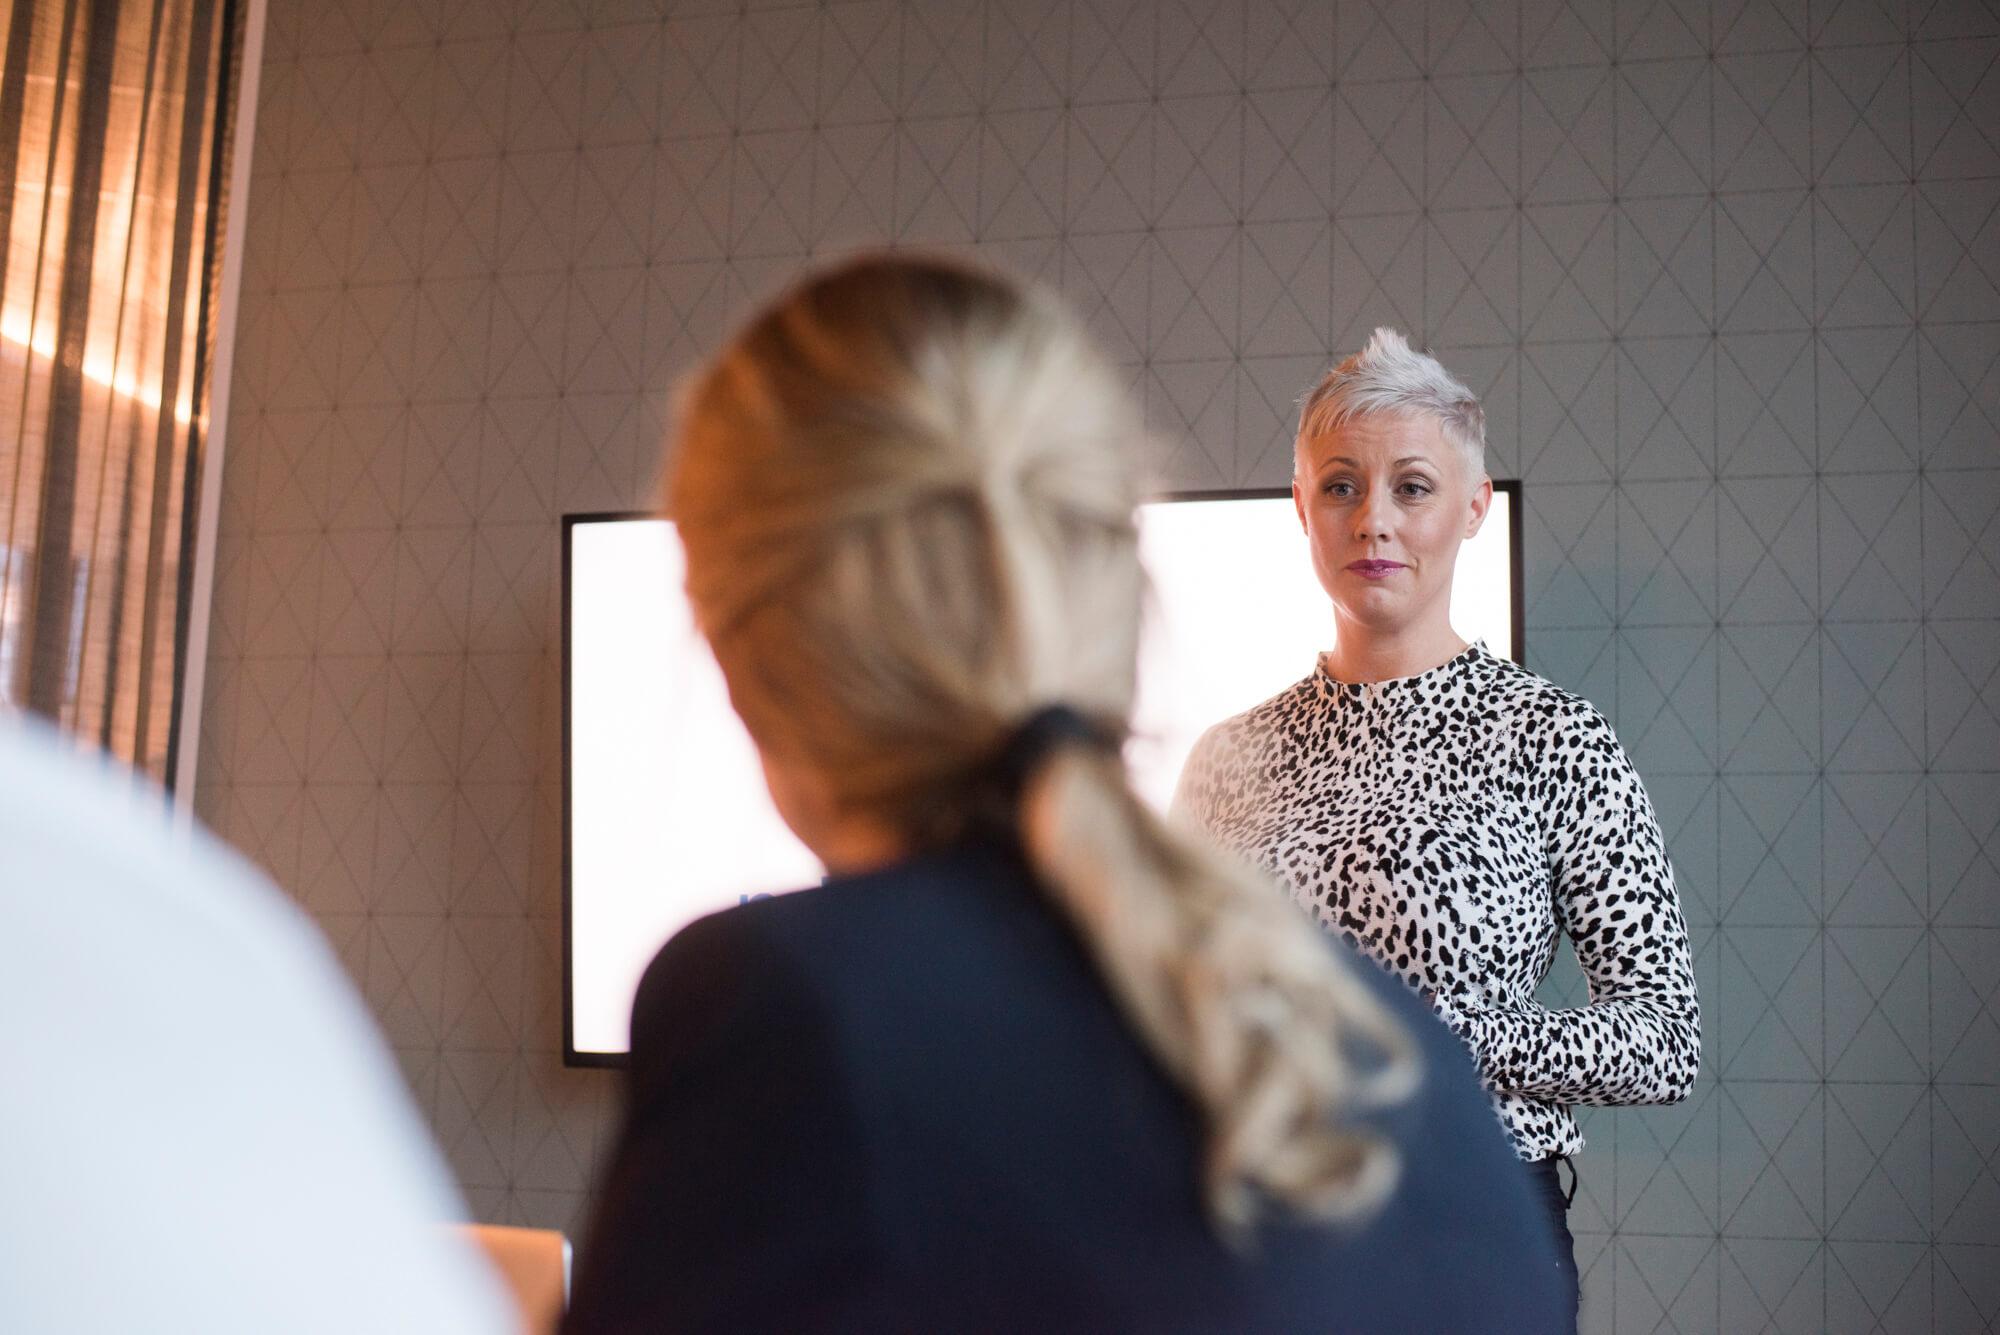 Snabbutbildning av stabschefer inom samhällsviktig verksamhet. Foto: Andreas Varro